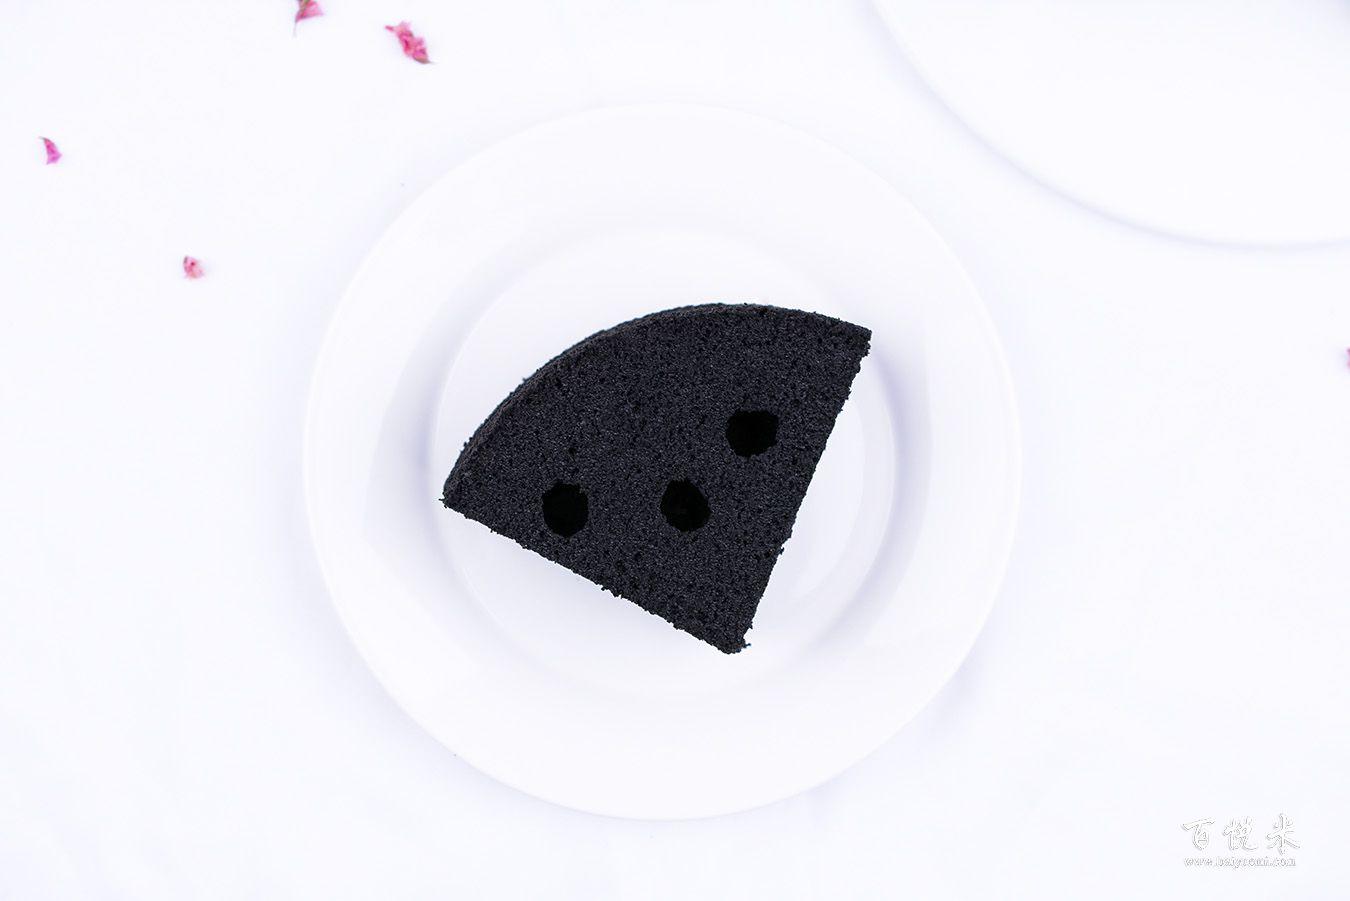 蜂窝煤球蛋糕高清图片大全【蛋糕图片】_1033